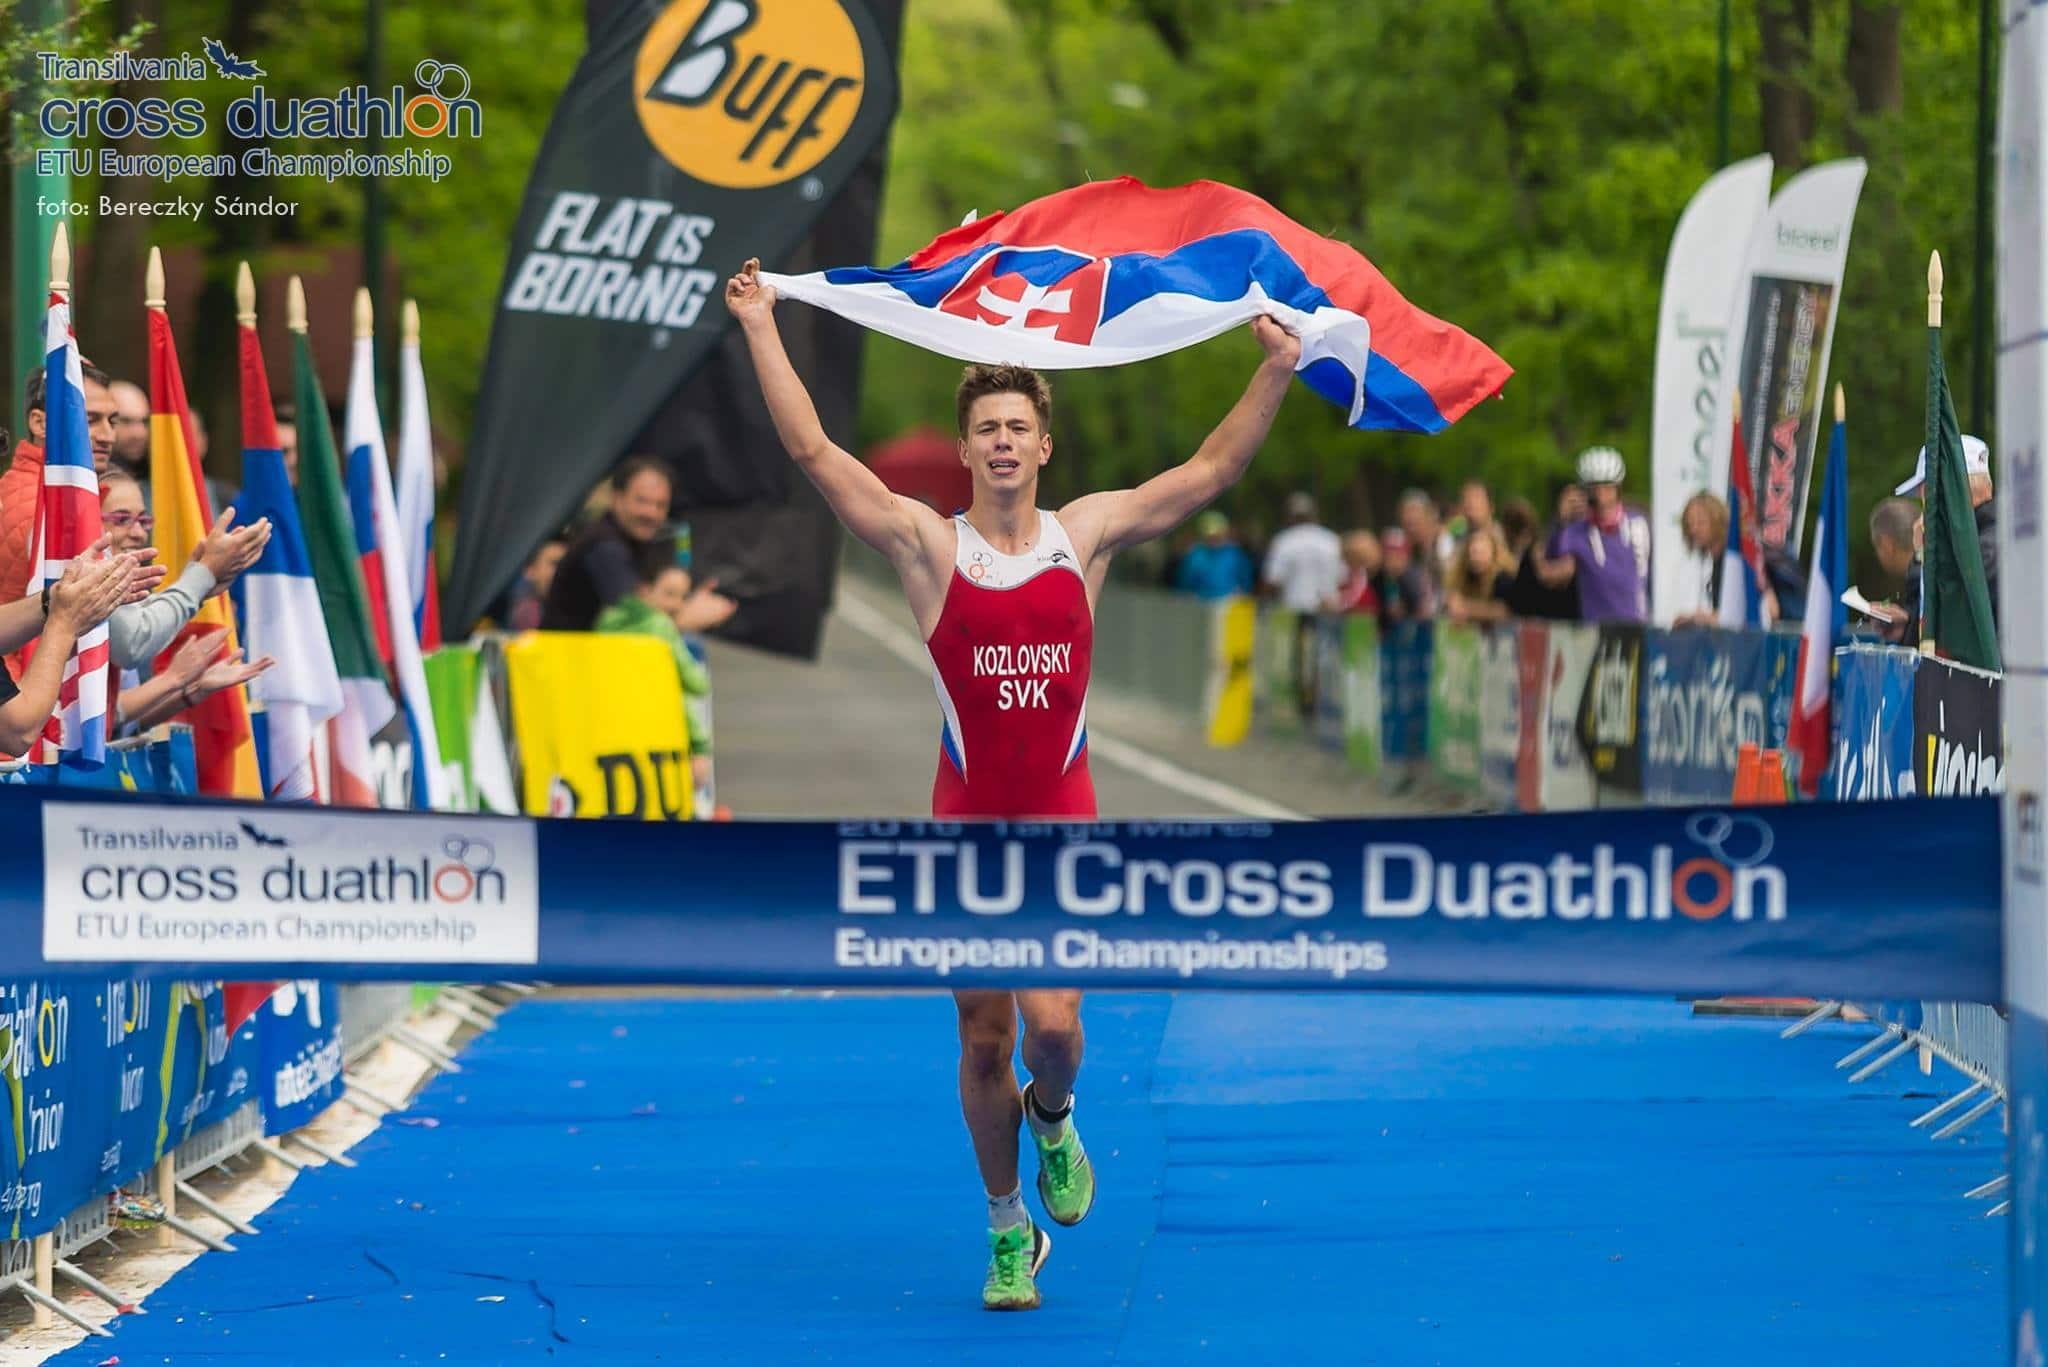 Vin Campionatele Europene de Cross Triathlon şi Cross Duathlon!